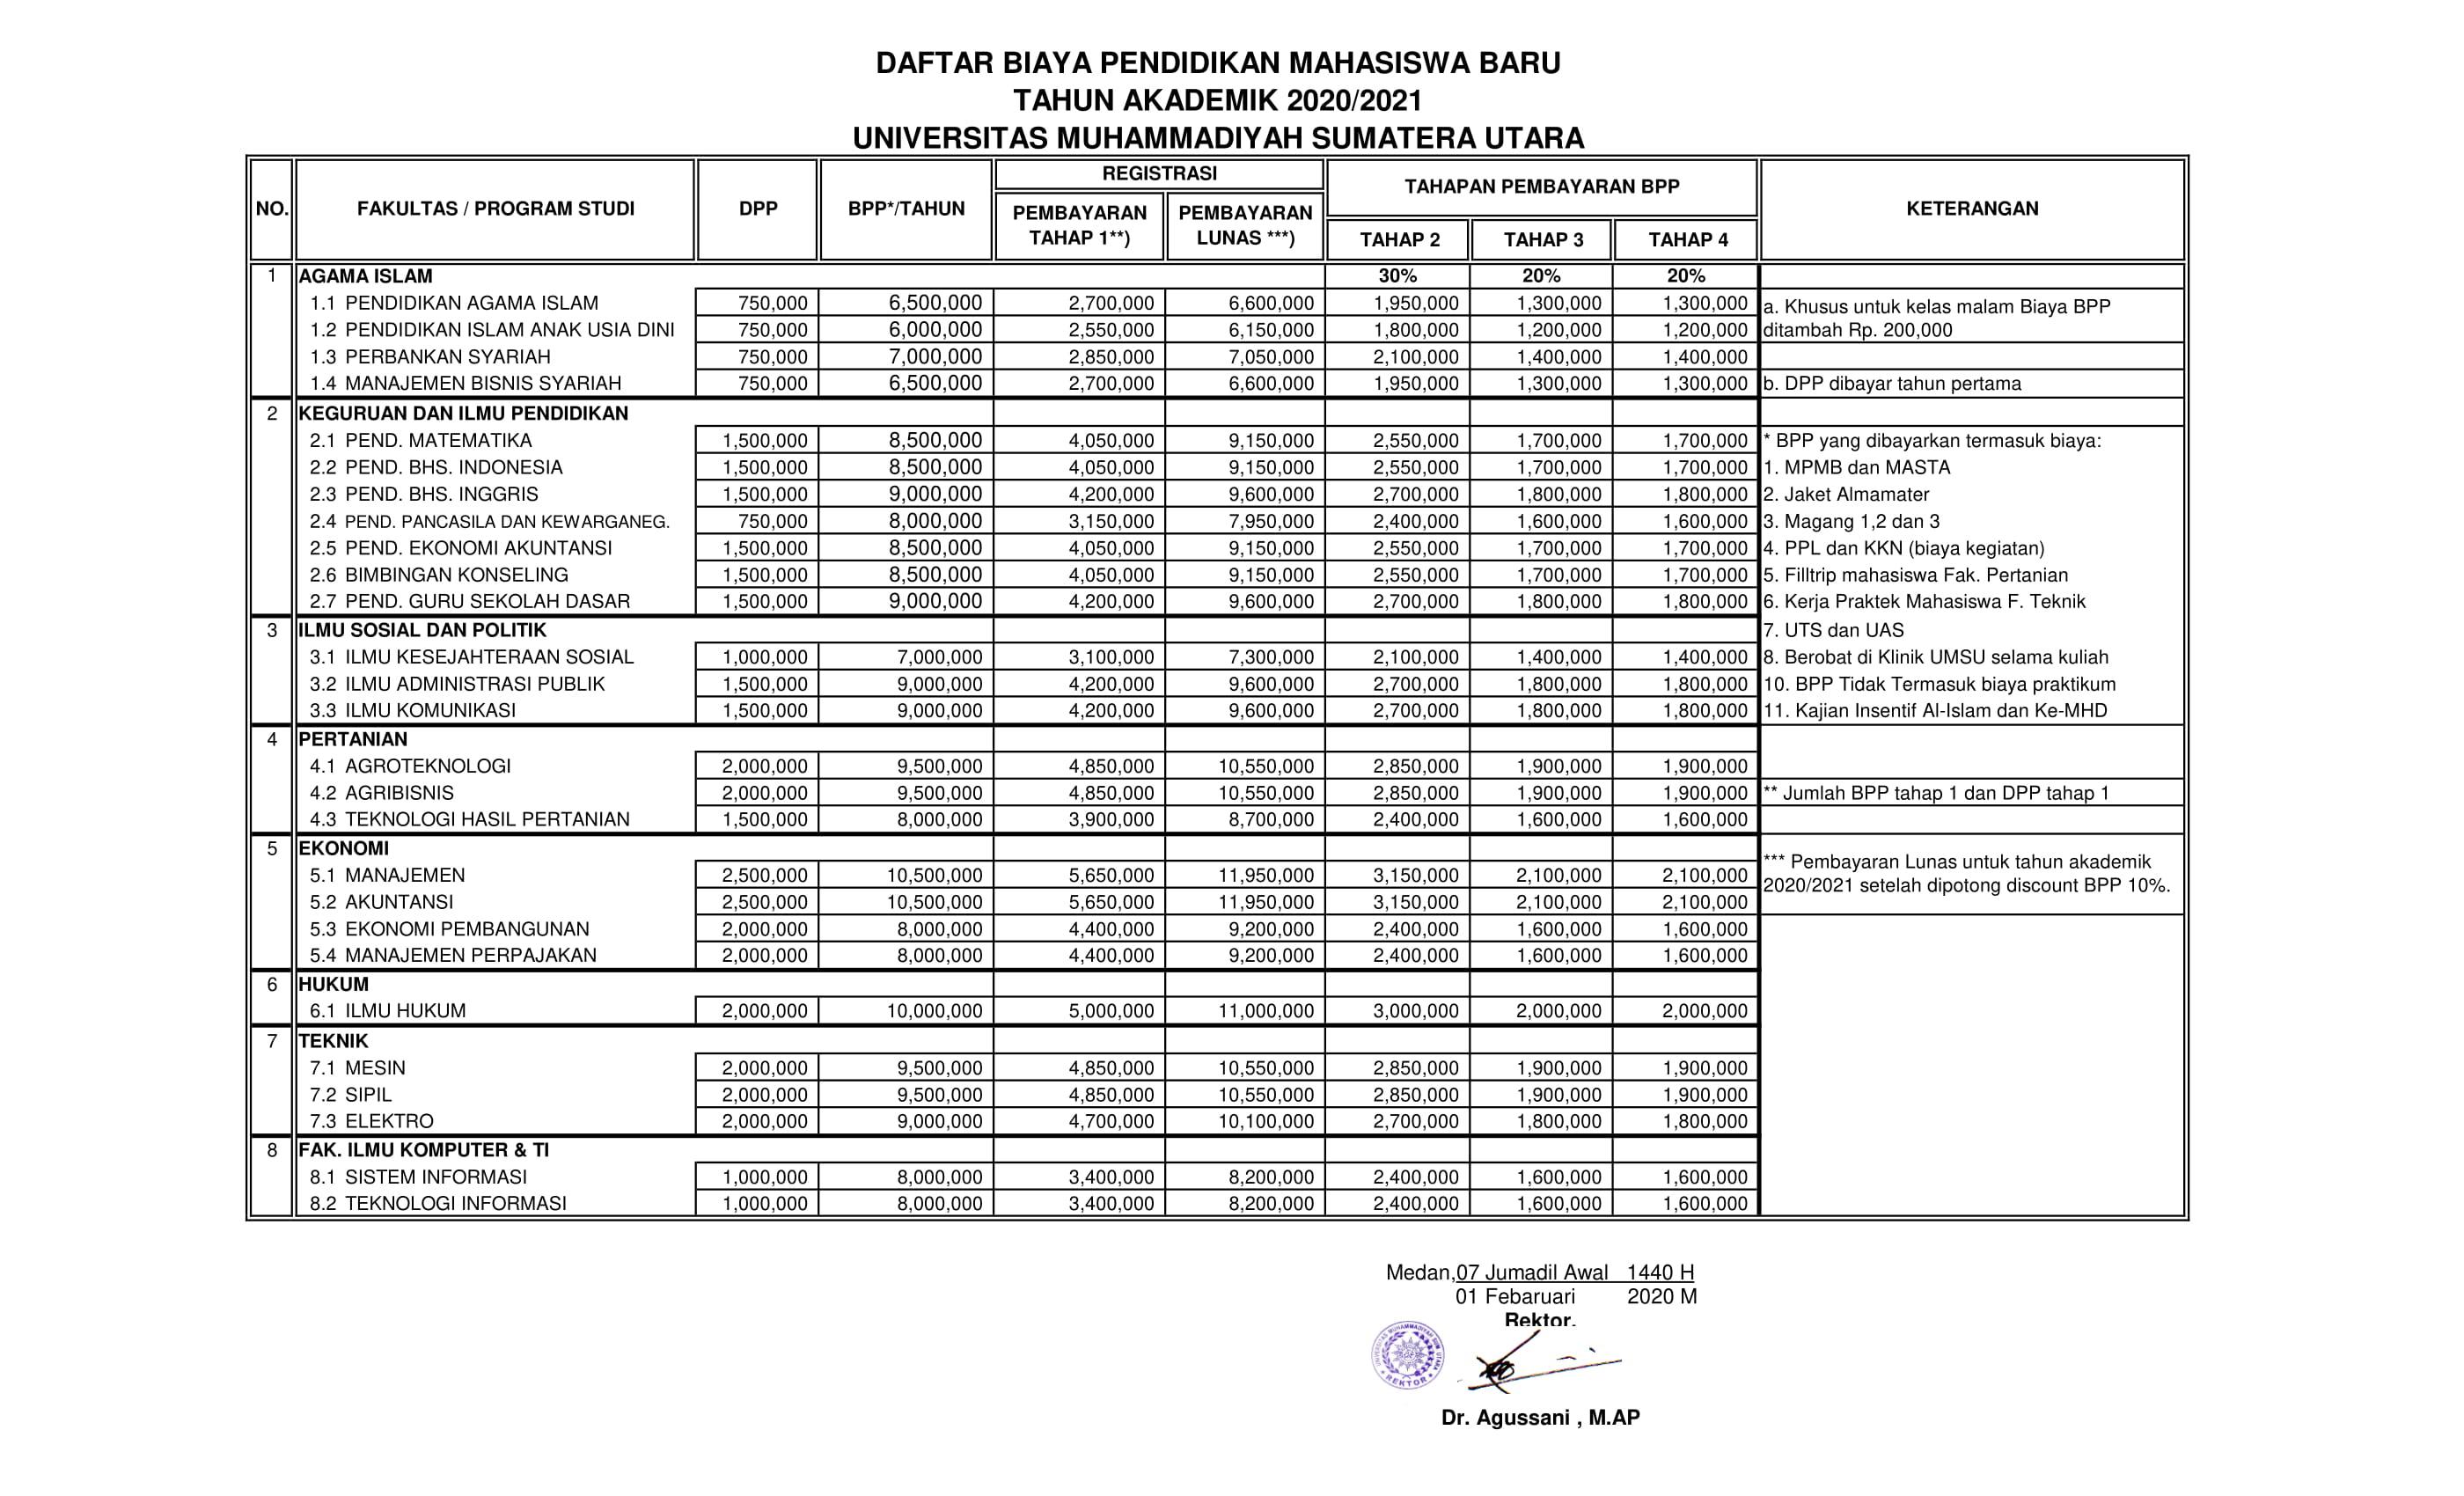 biaya_pendidikan_nonkedokteran_2020-1